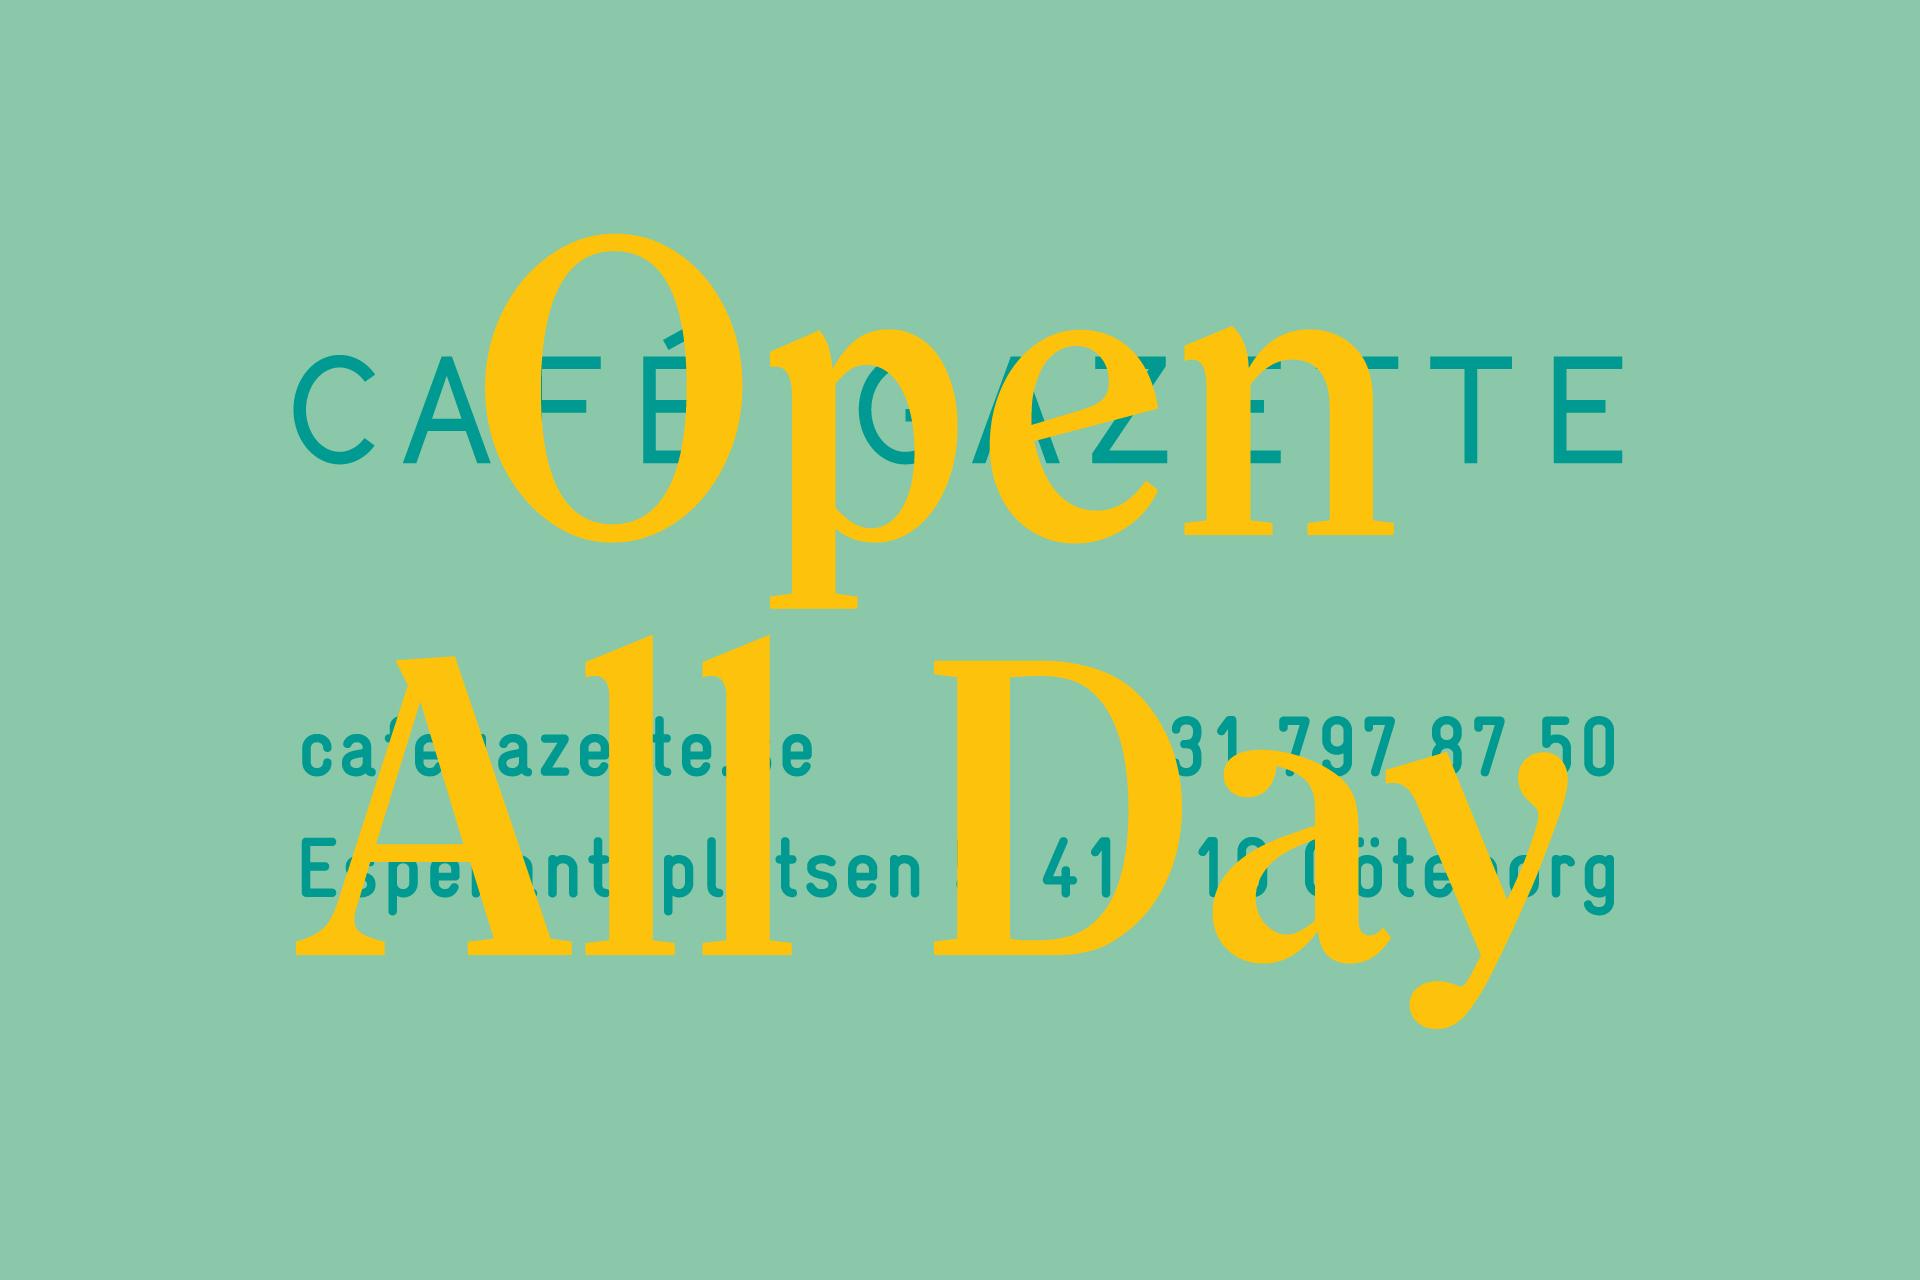 Cafe_Gazette_Branding_mnecander-01-100